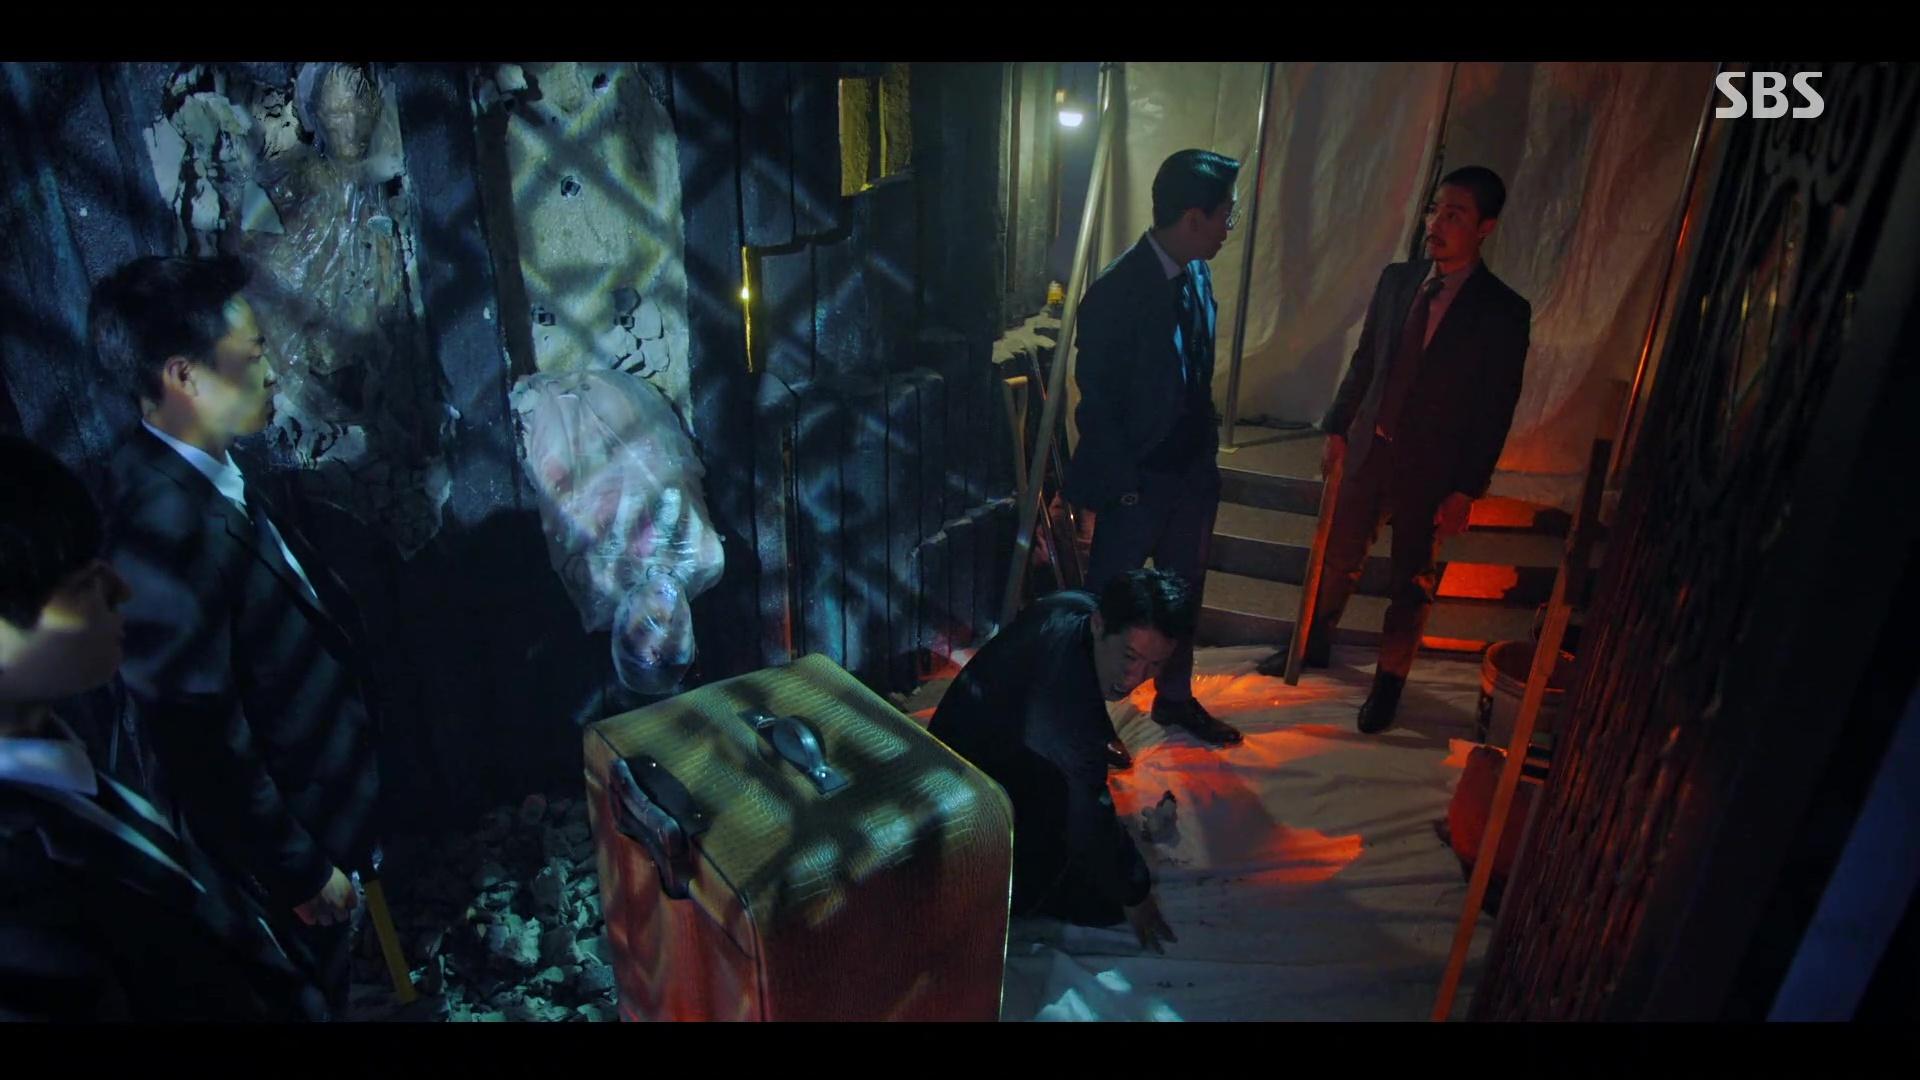 Penthouse Season 3 Episode 5 Recap and Review